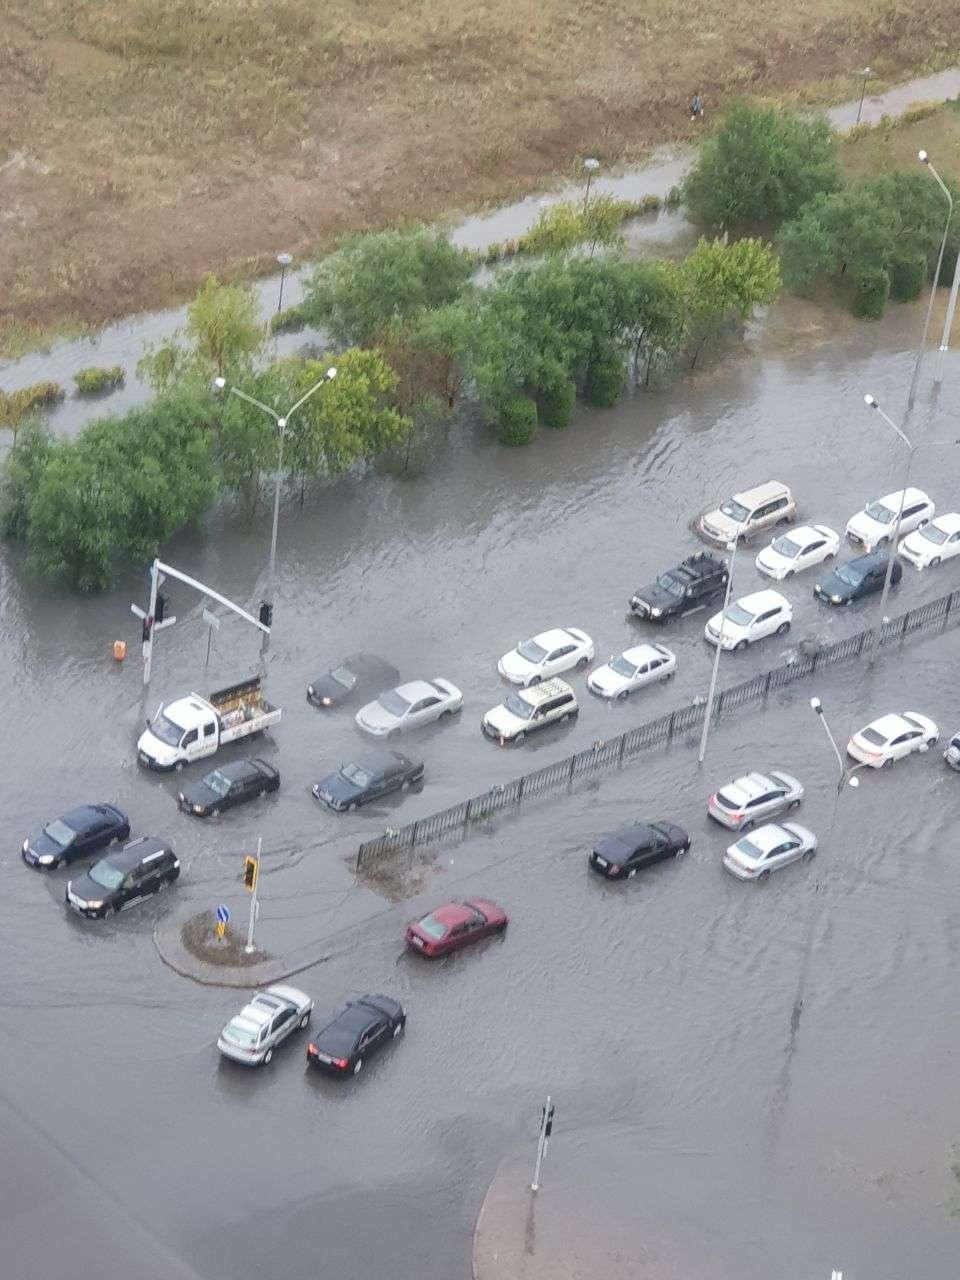 Машины глохнут на перекрёстке Тәуелсіздік - Кошкарбаева